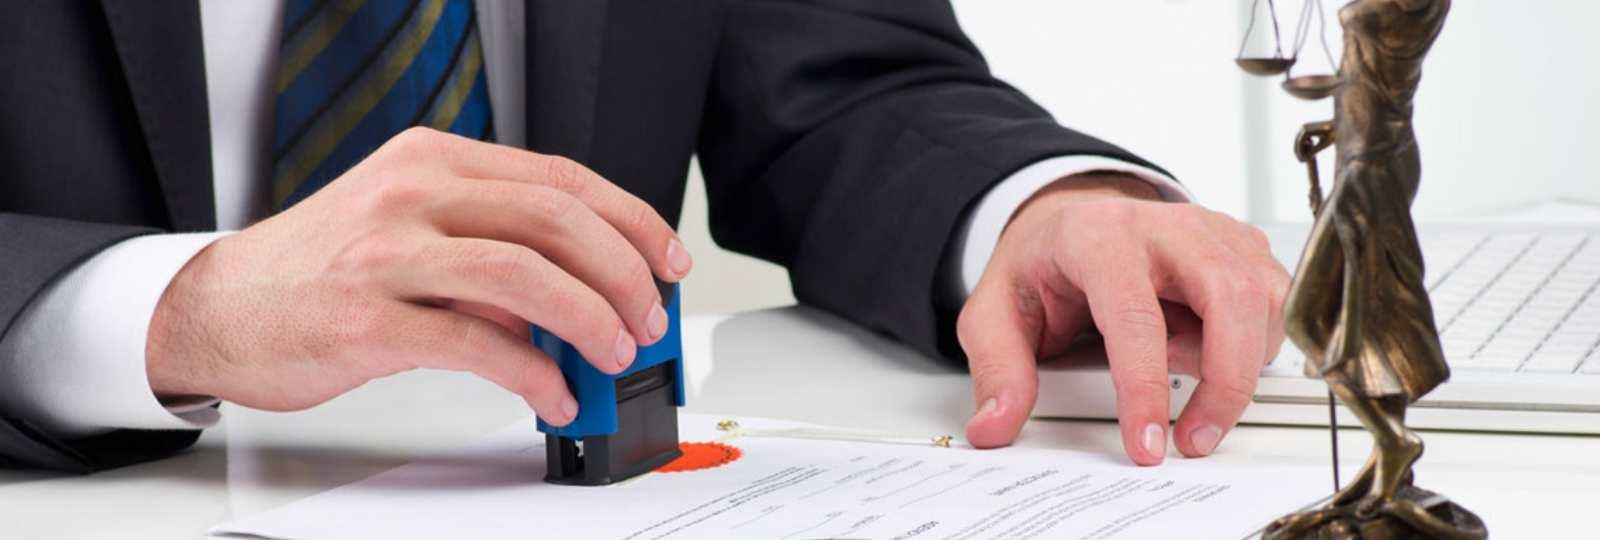 юридические услуги трудовые споры москва продвигался